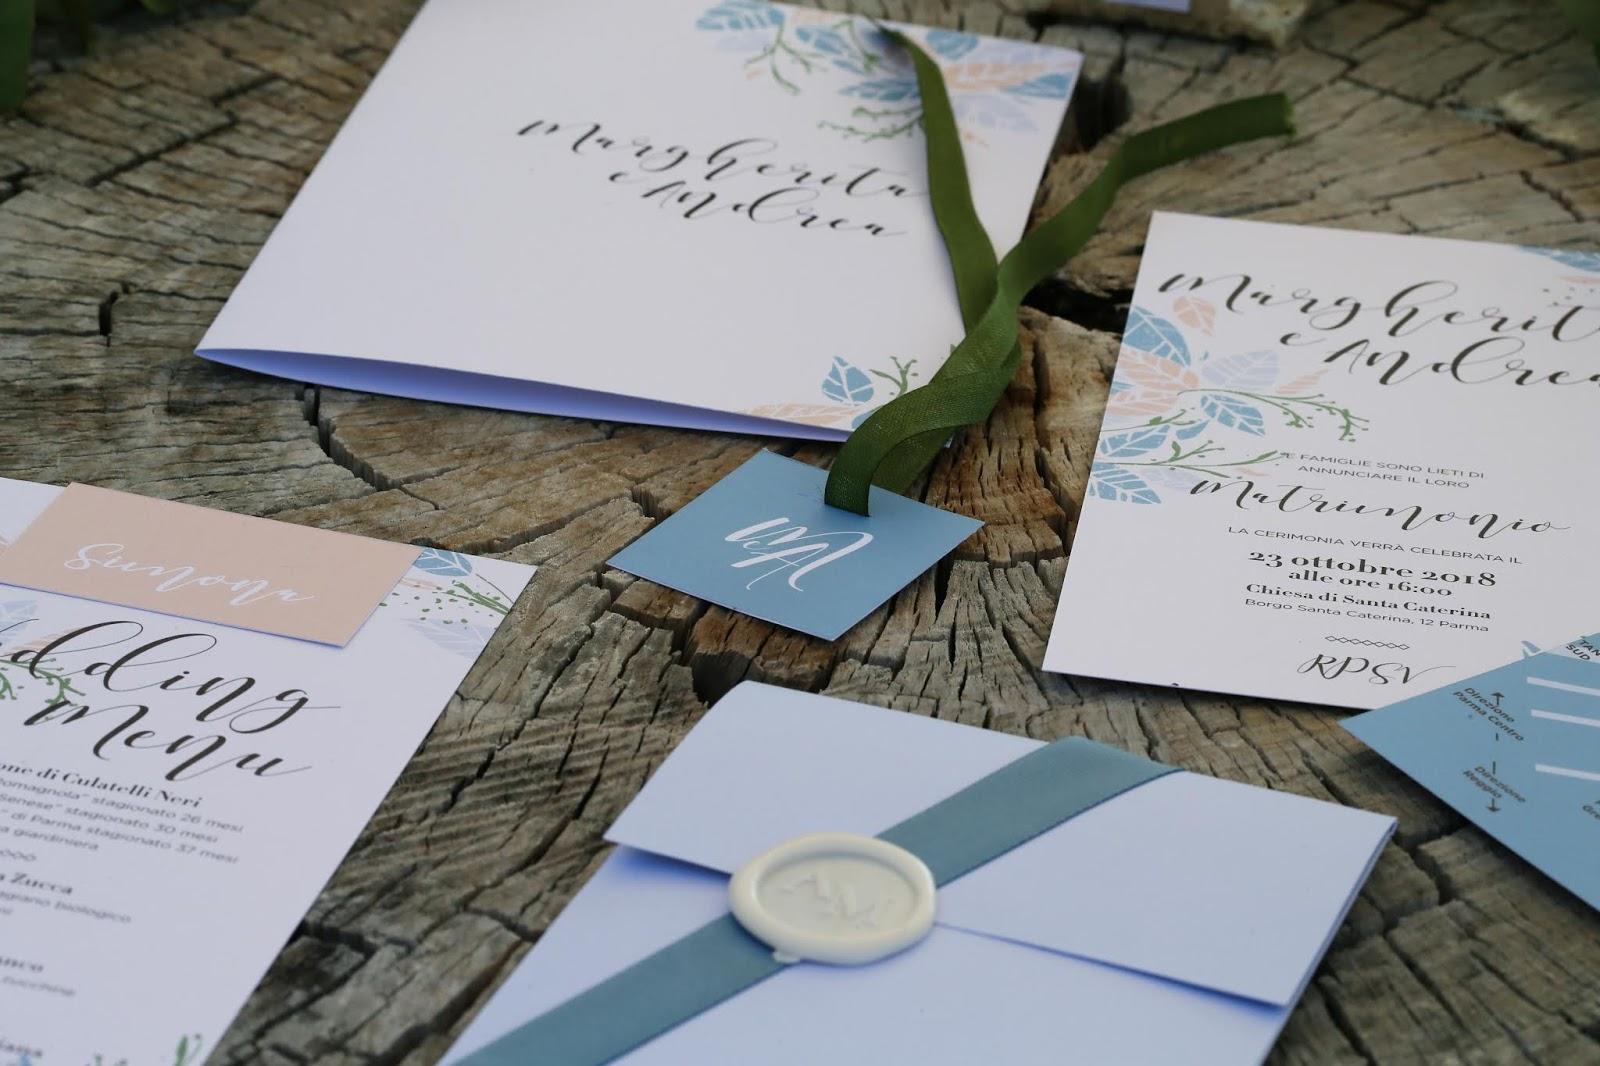 Partecipazioni Matrimonio Azzurro : Sposine il della sposa idee di matrimonio un